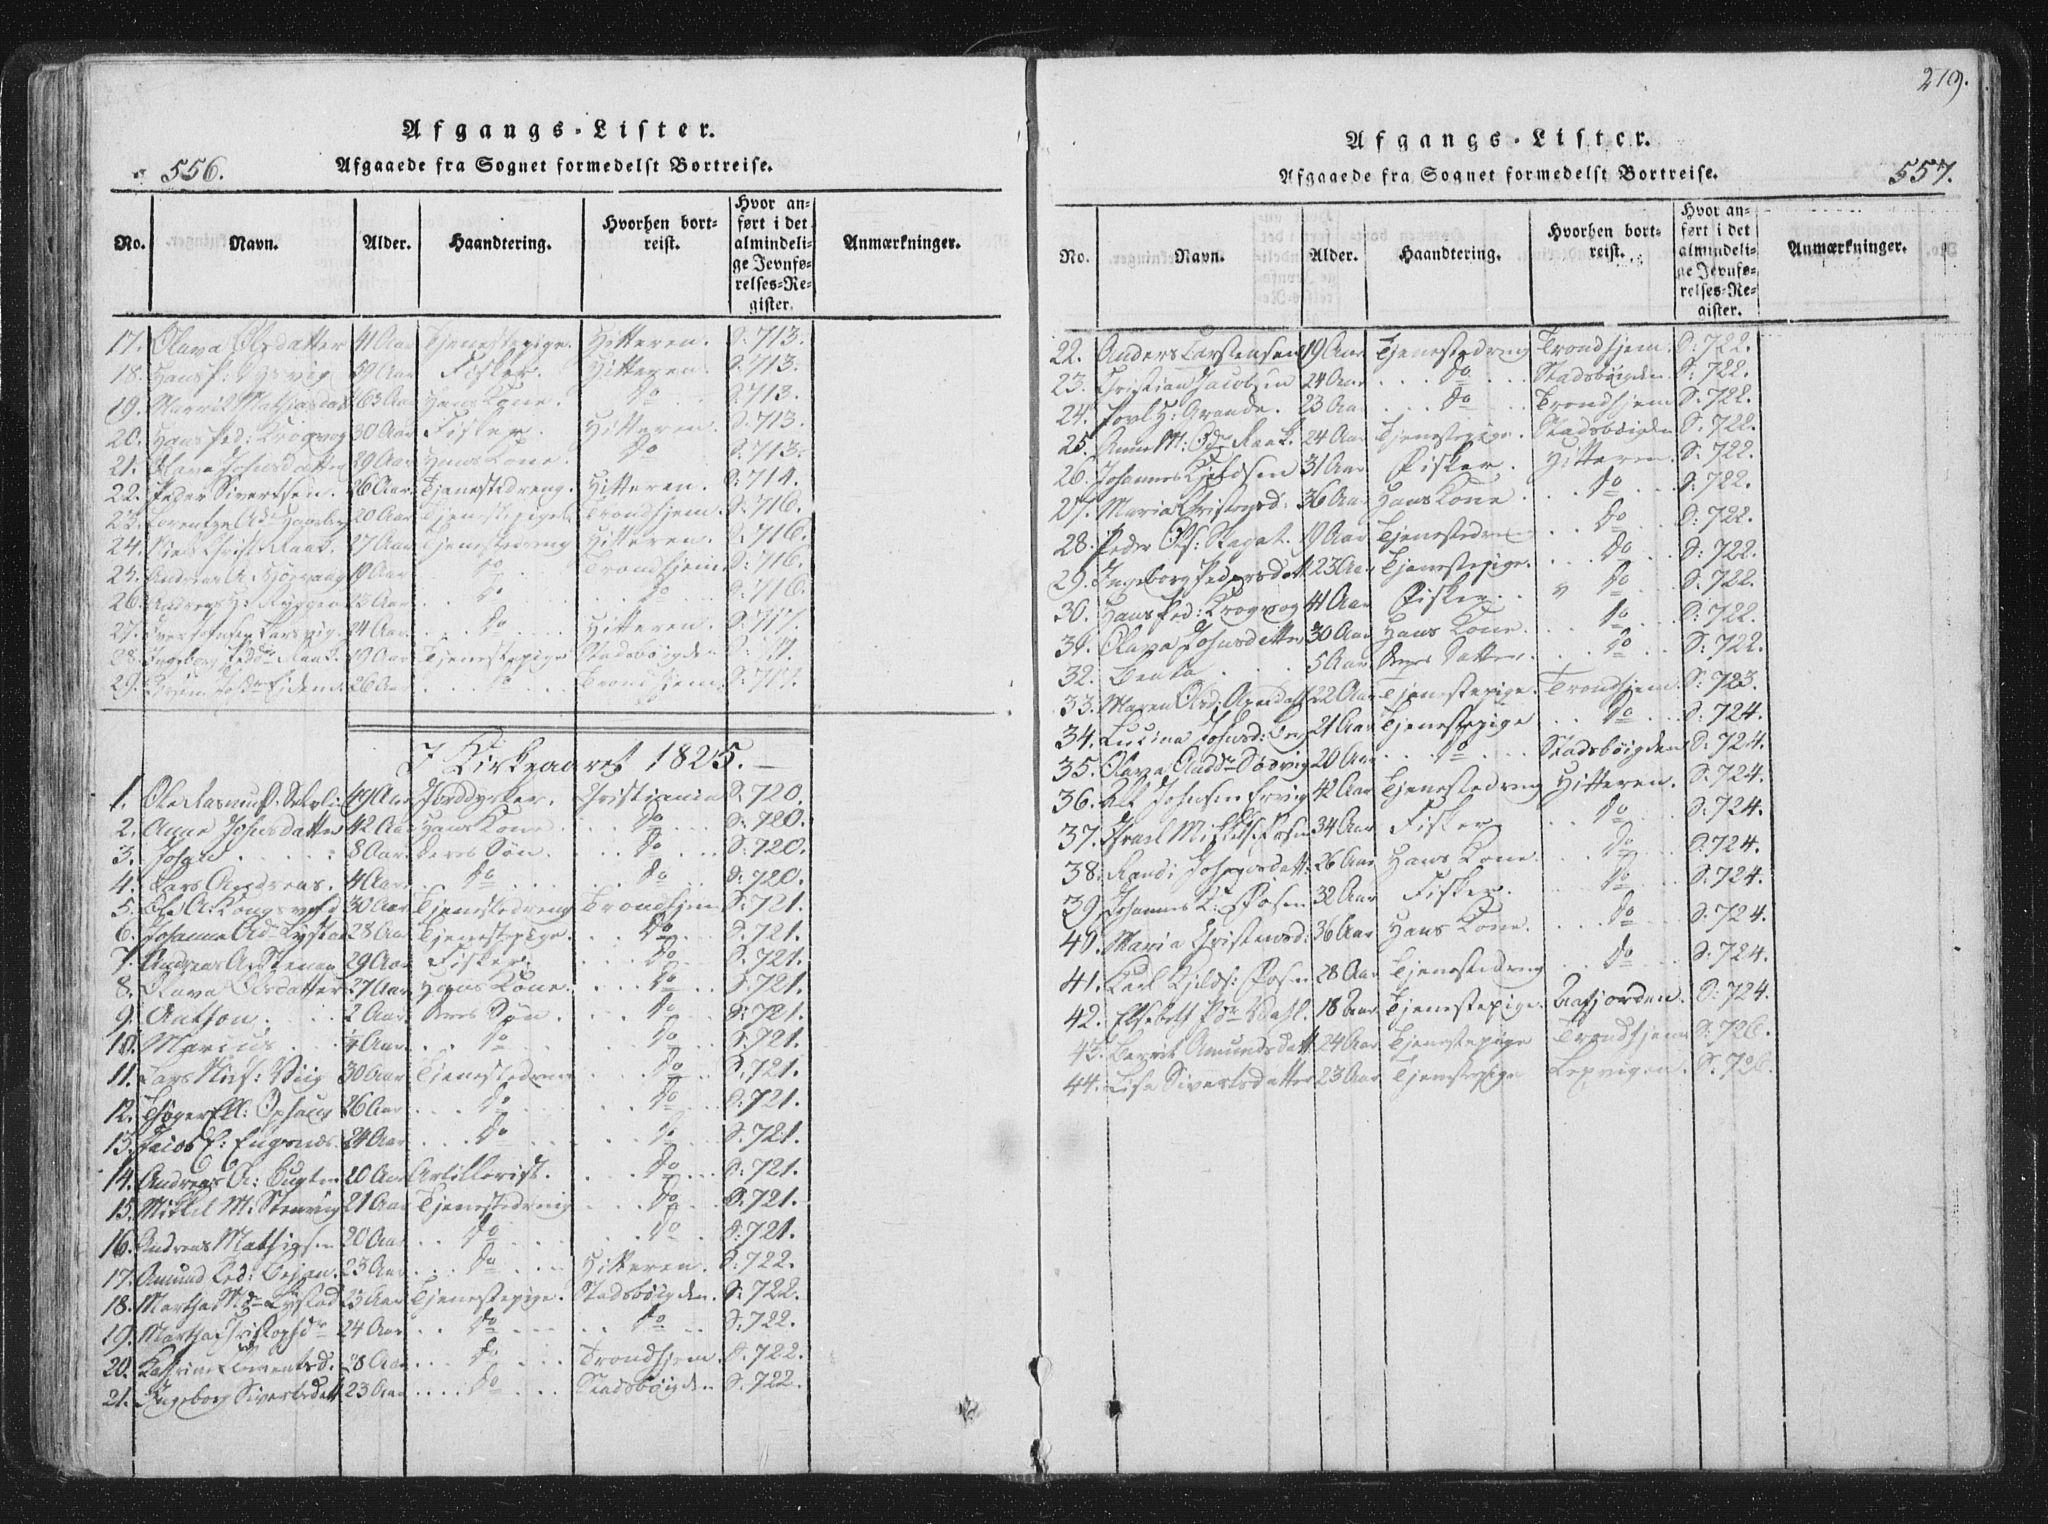 SAT, Ministerialprotokoller, klokkerbøker og fødselsregistre - Sør-Trøndelag, 659/L0734: Ministerialbok nr. 659A04, 1818-1825, s. 556-557